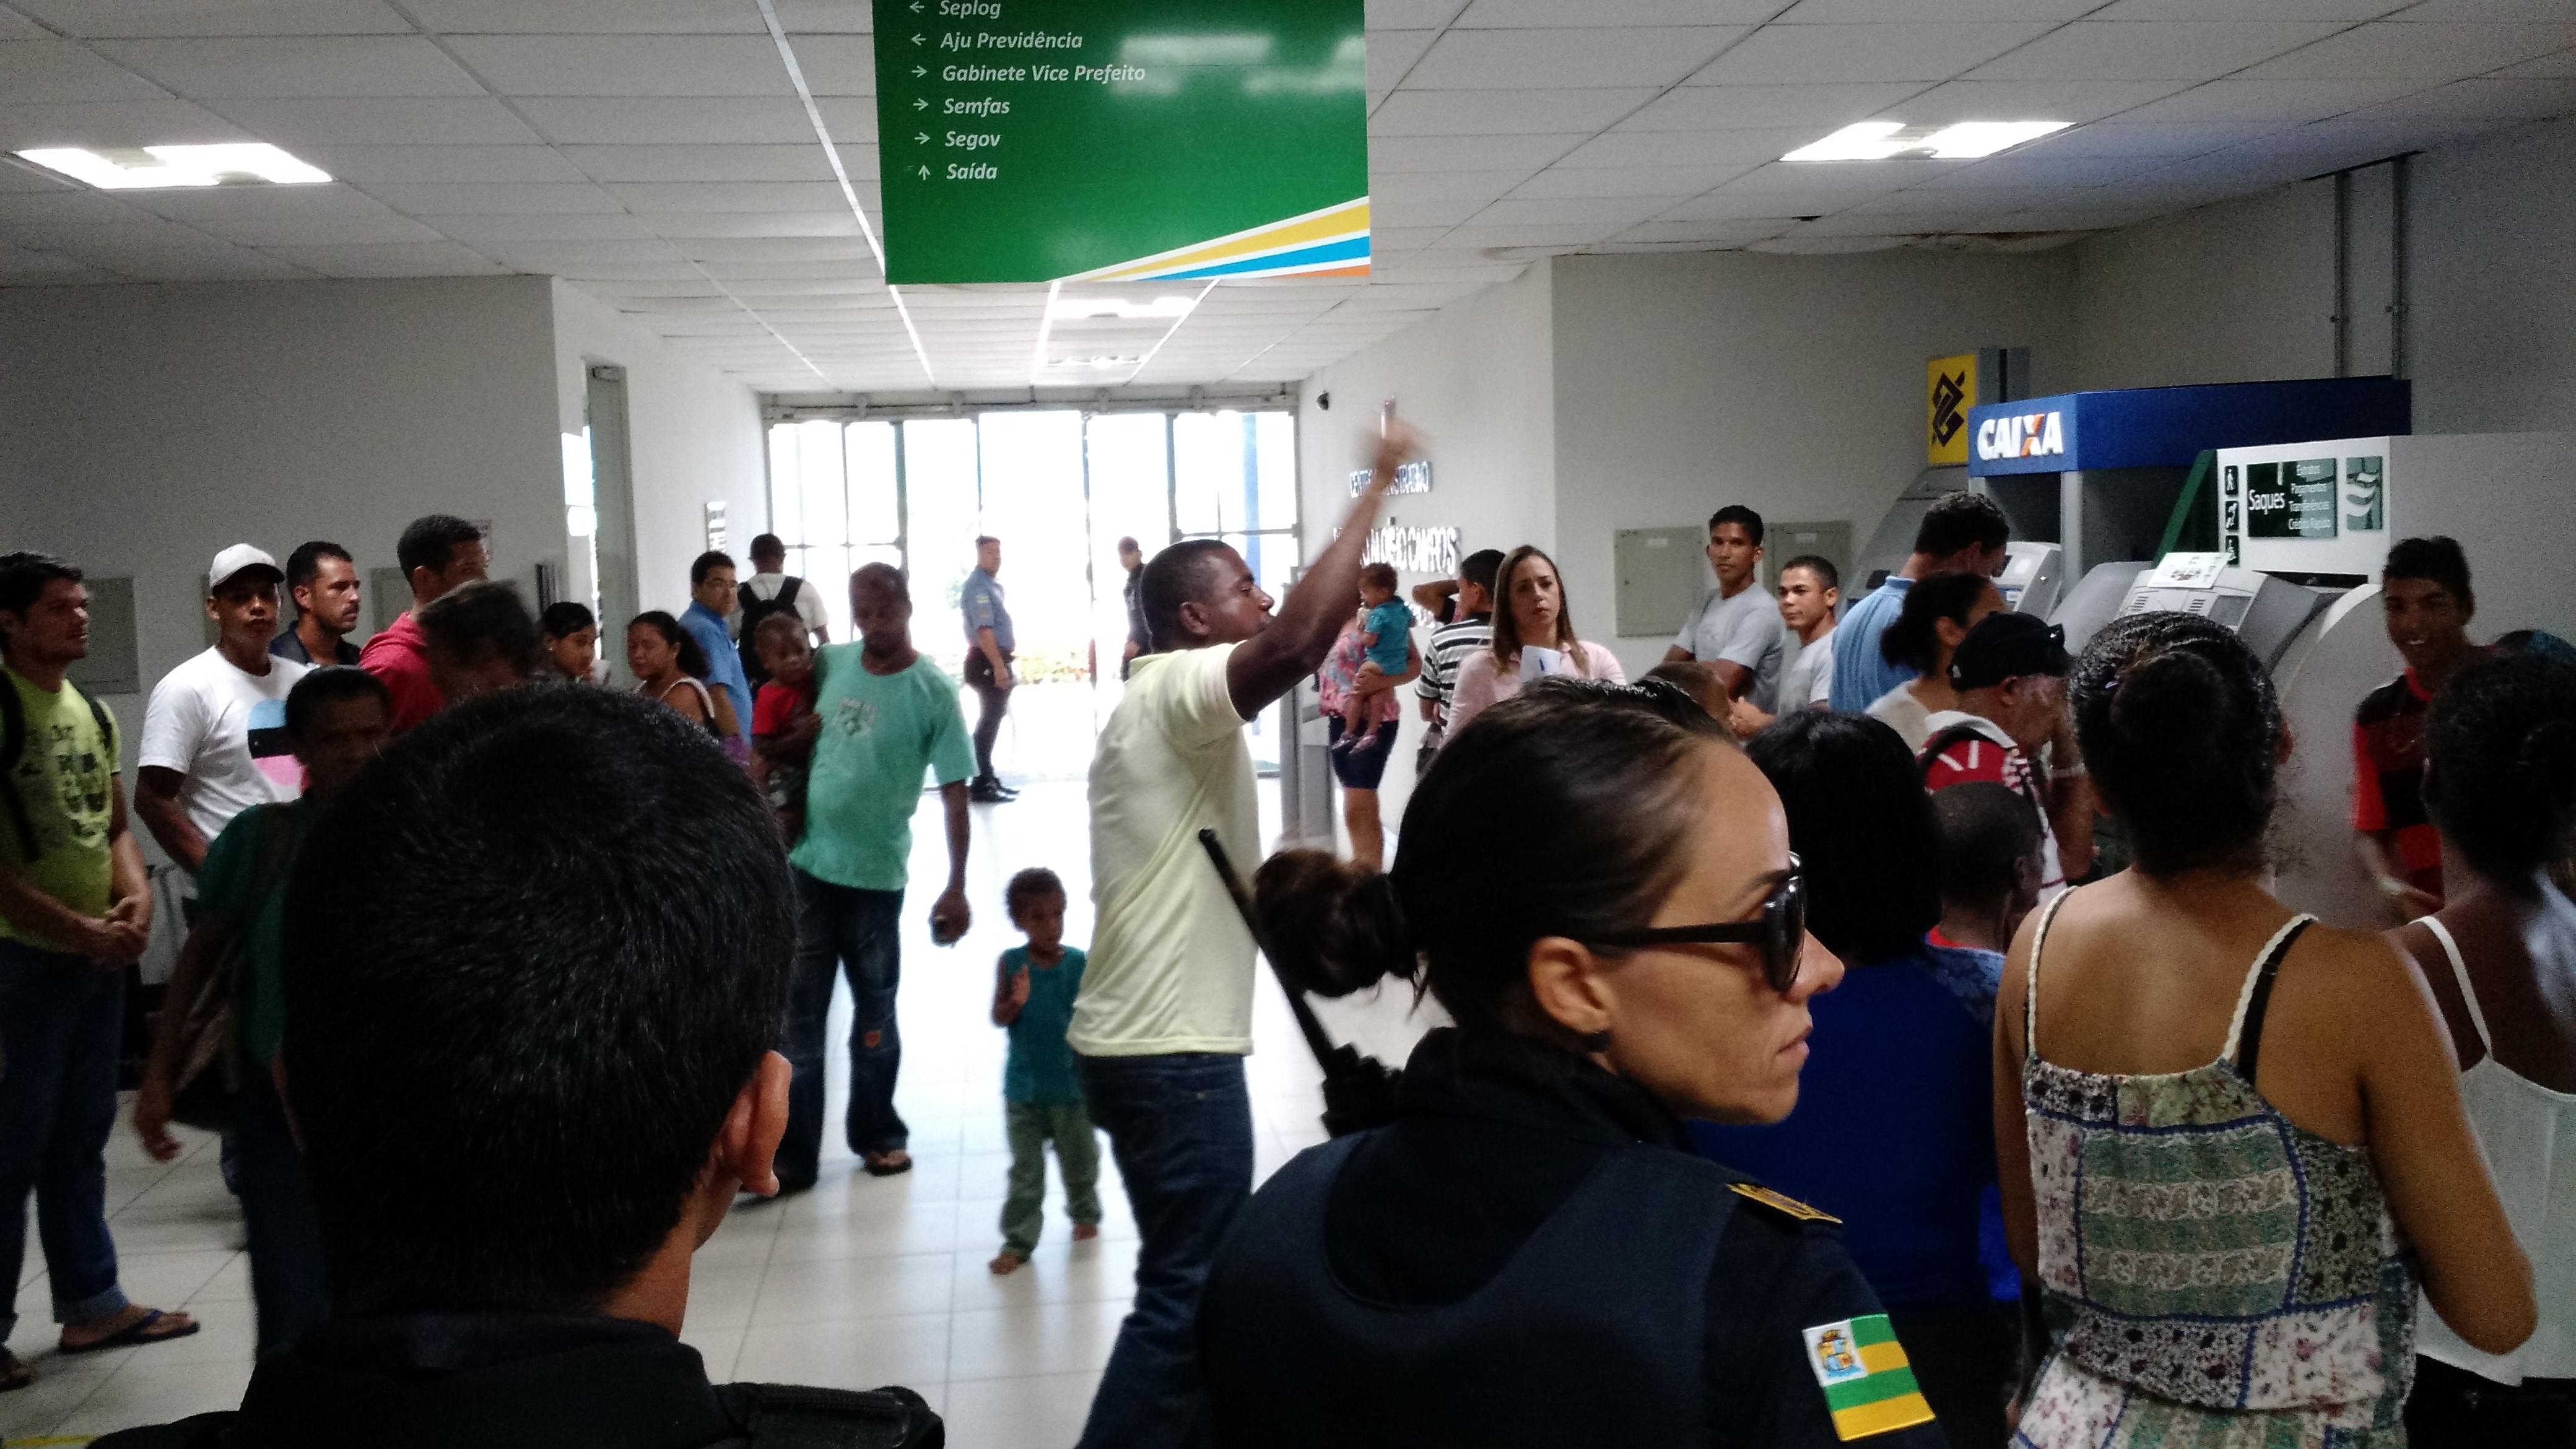 Familias do Santa Maria ocupam sede da prefeitura de Aracaju